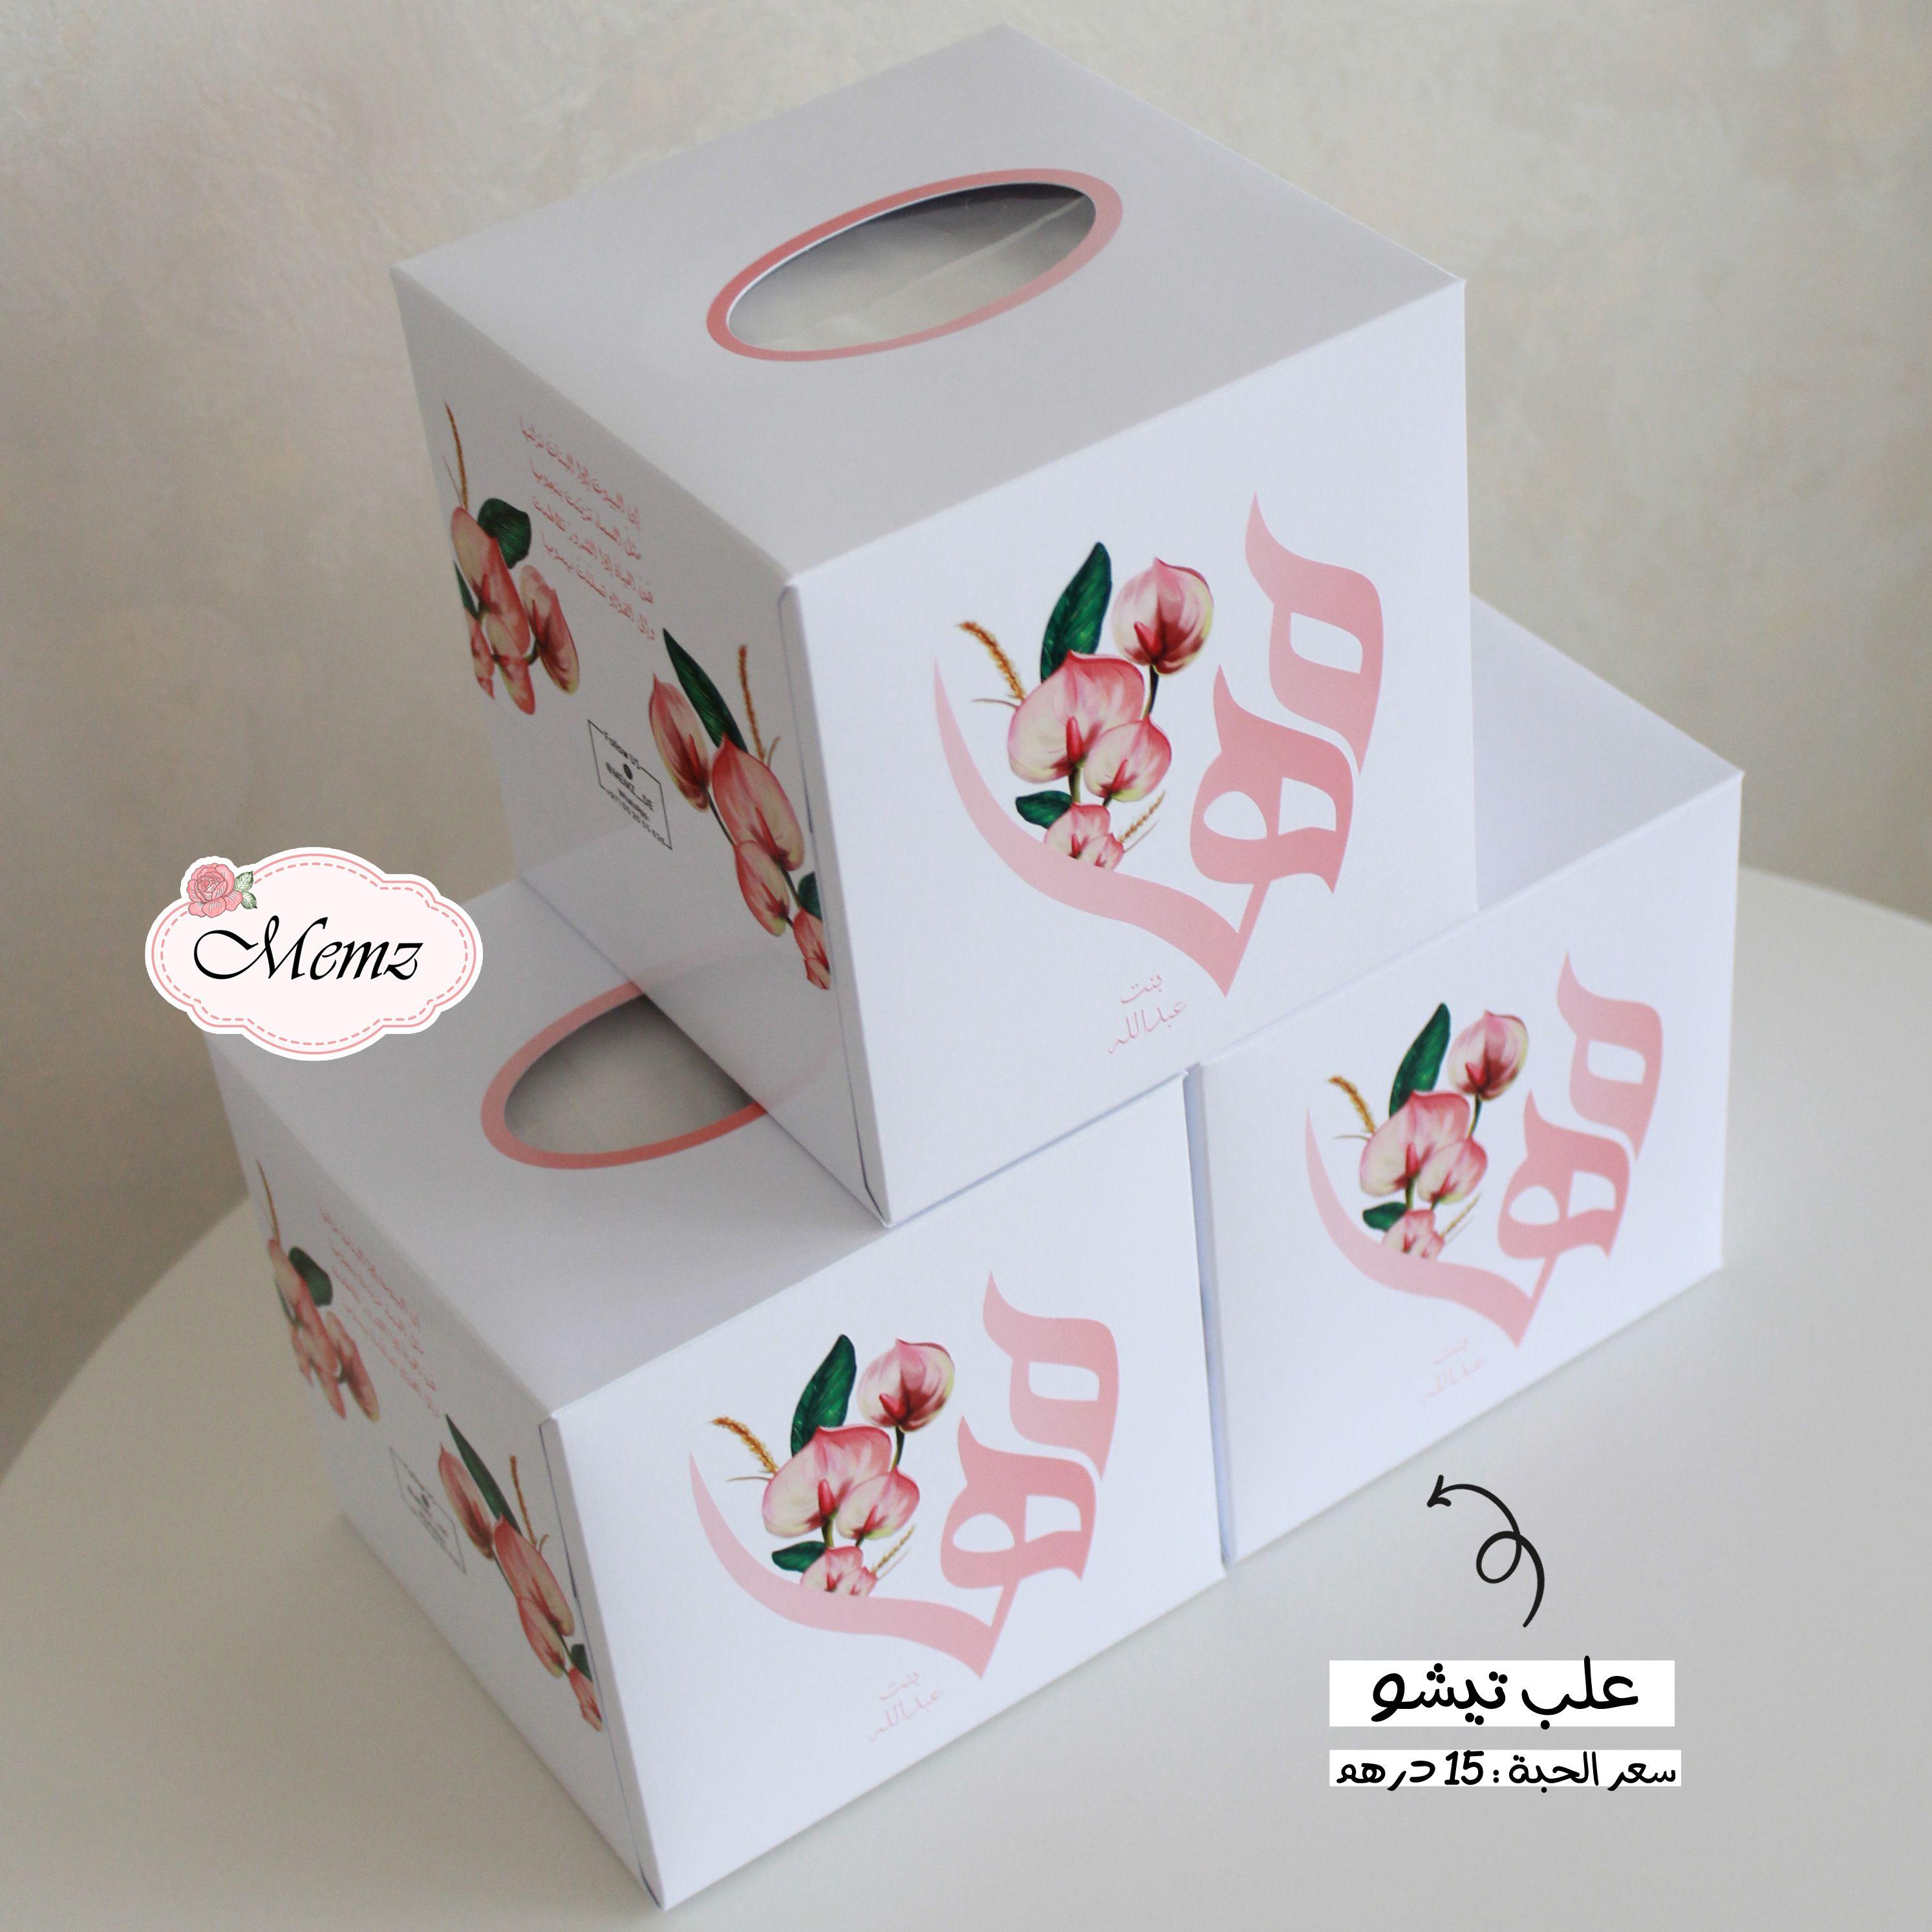 علب تيشو Decorative Boxes Decor Home Decor